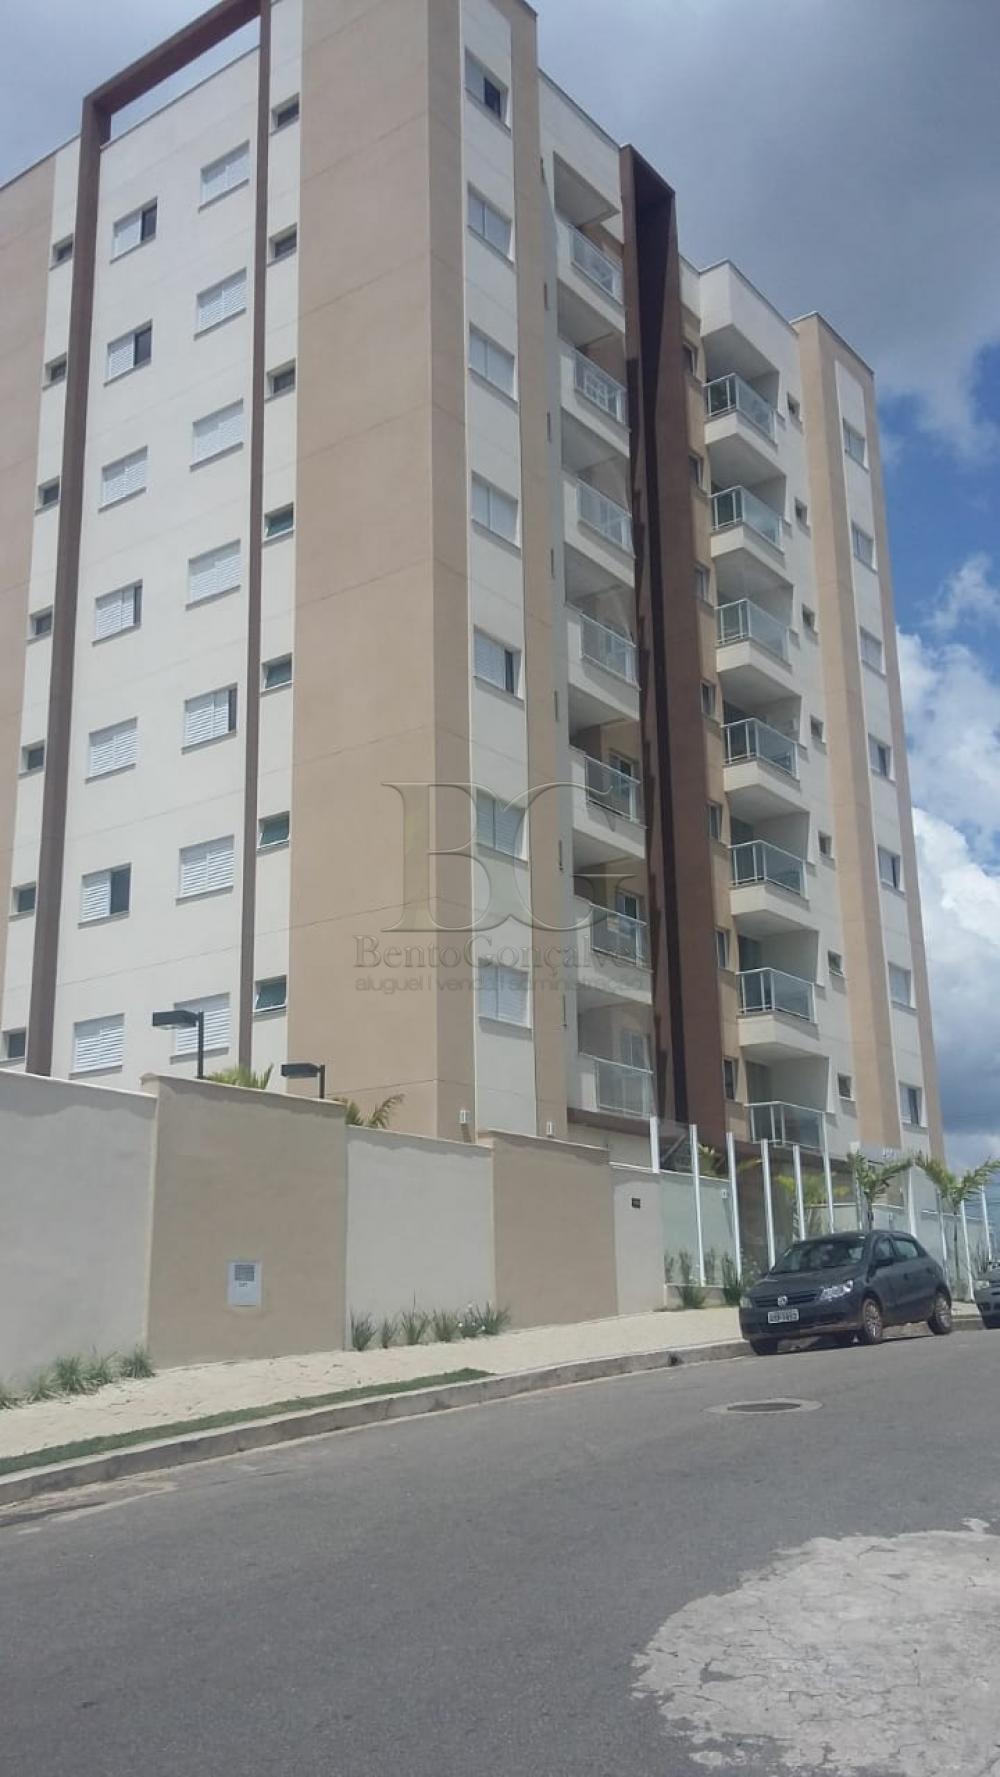 Comprar Apartamentos / Padrão em Poços de Caldas apenas R$ 295.000,00 - Foto 2